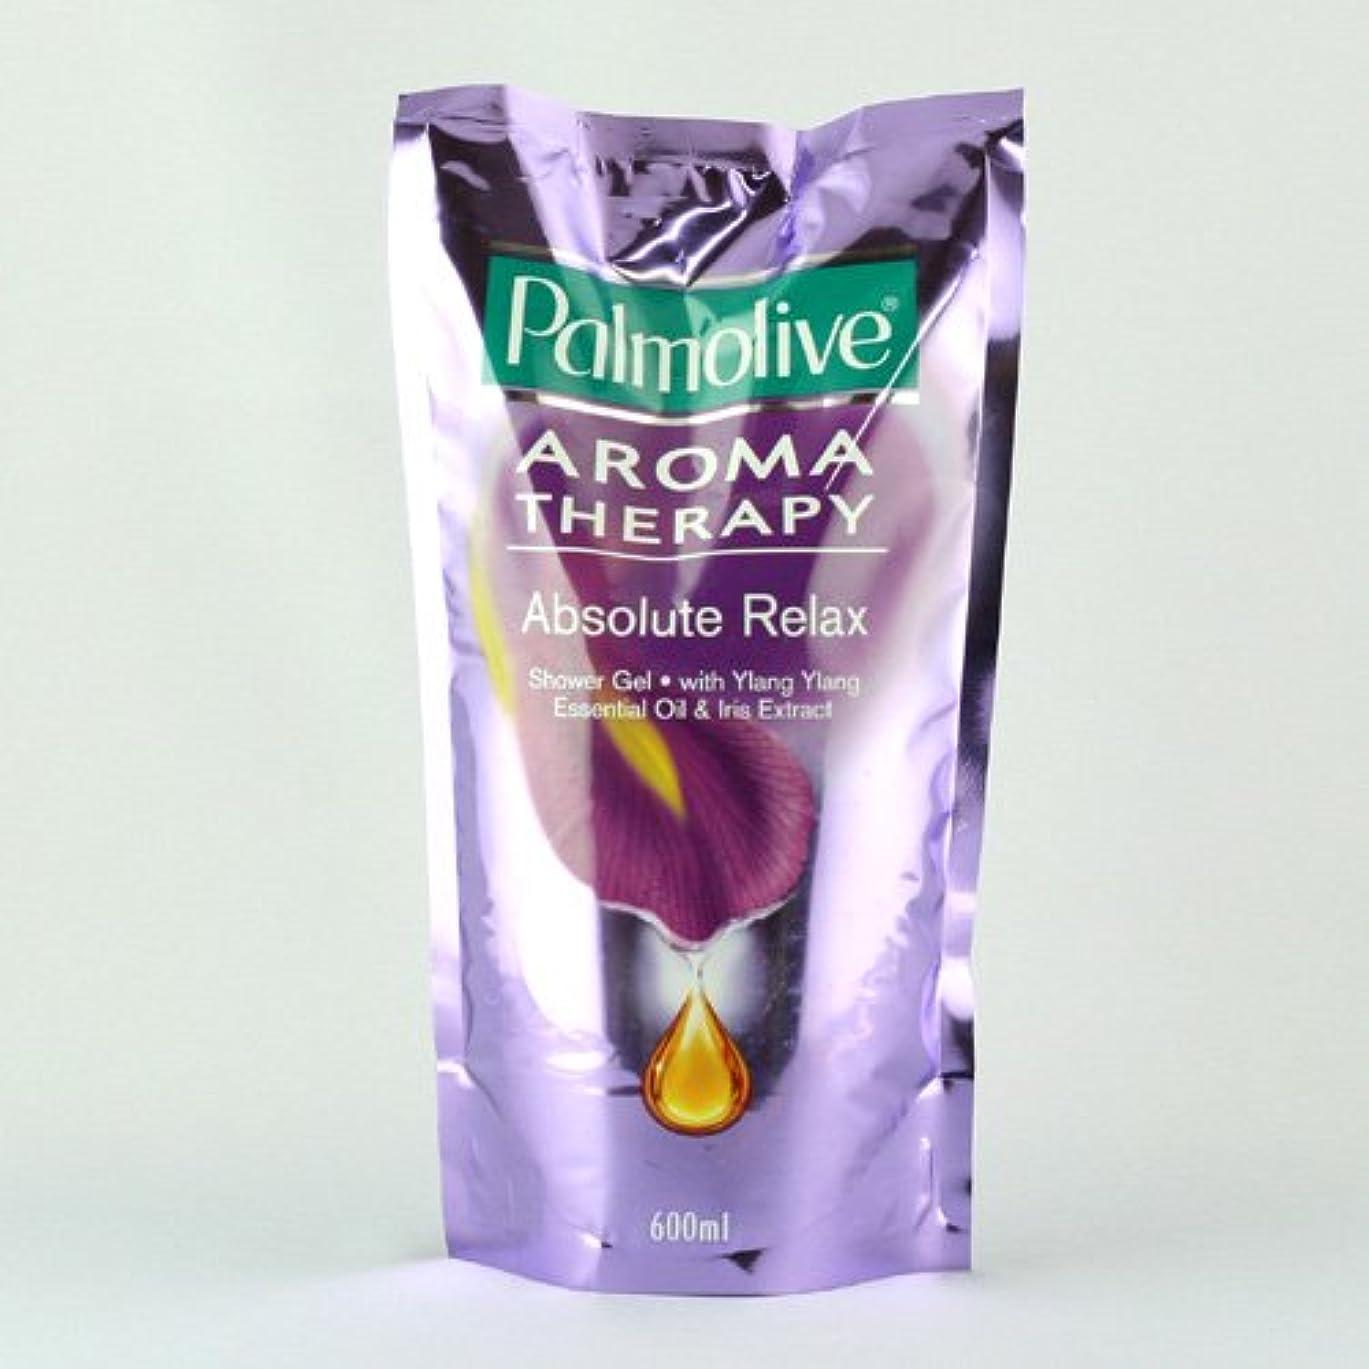 だらしないコンピューター部分的【Palmolive】パルモリーブ シャワージェル詰め替え用(アブスルートリラックス) 600ml / 25oz